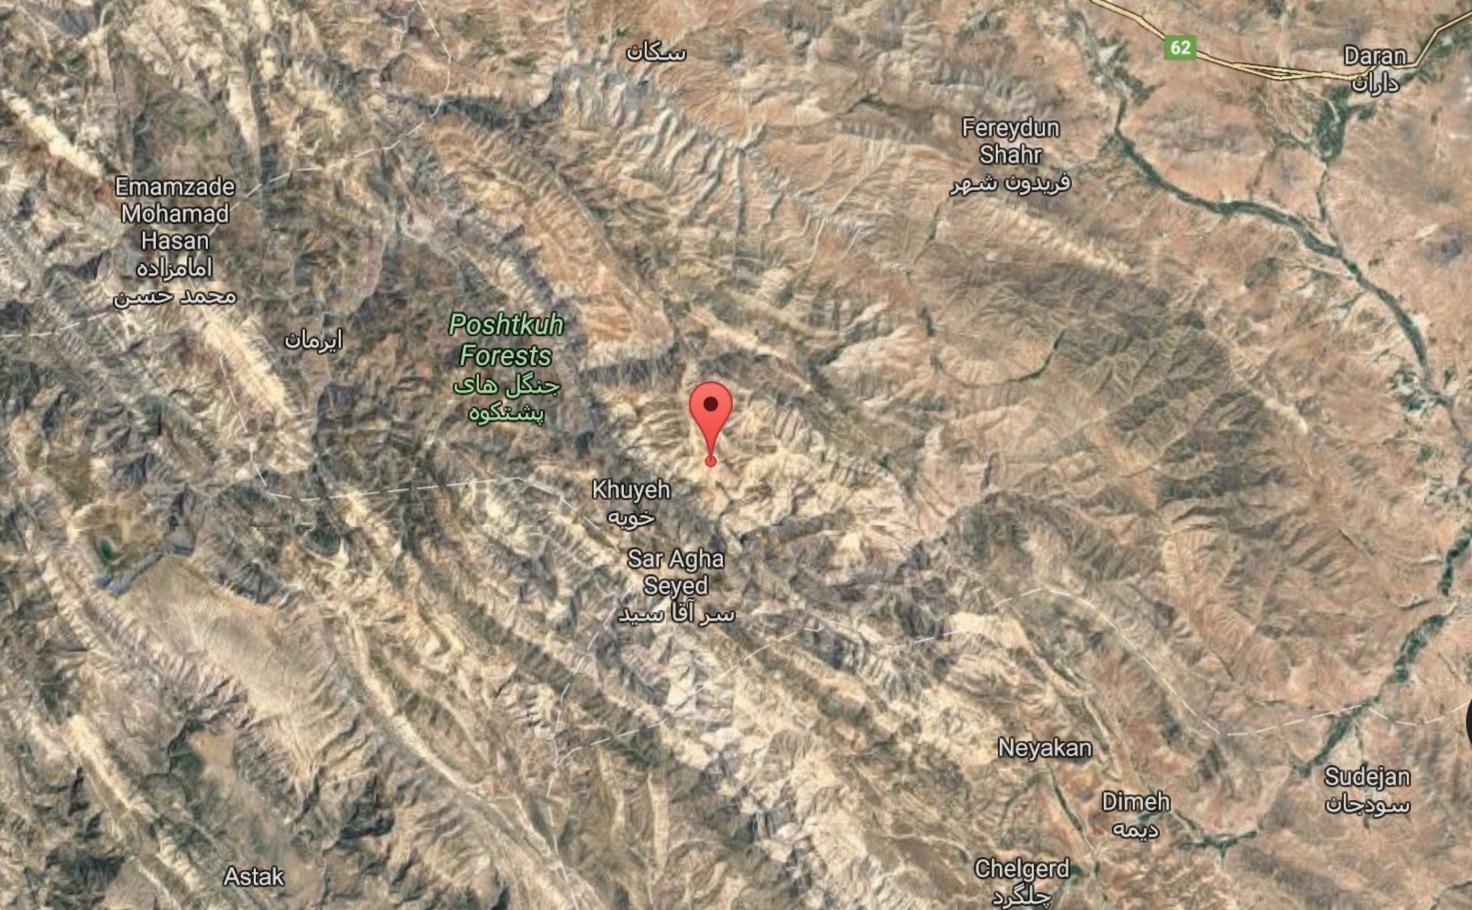 زلزله ۴.۵ ریشتر در فریدون شهر اصفهان